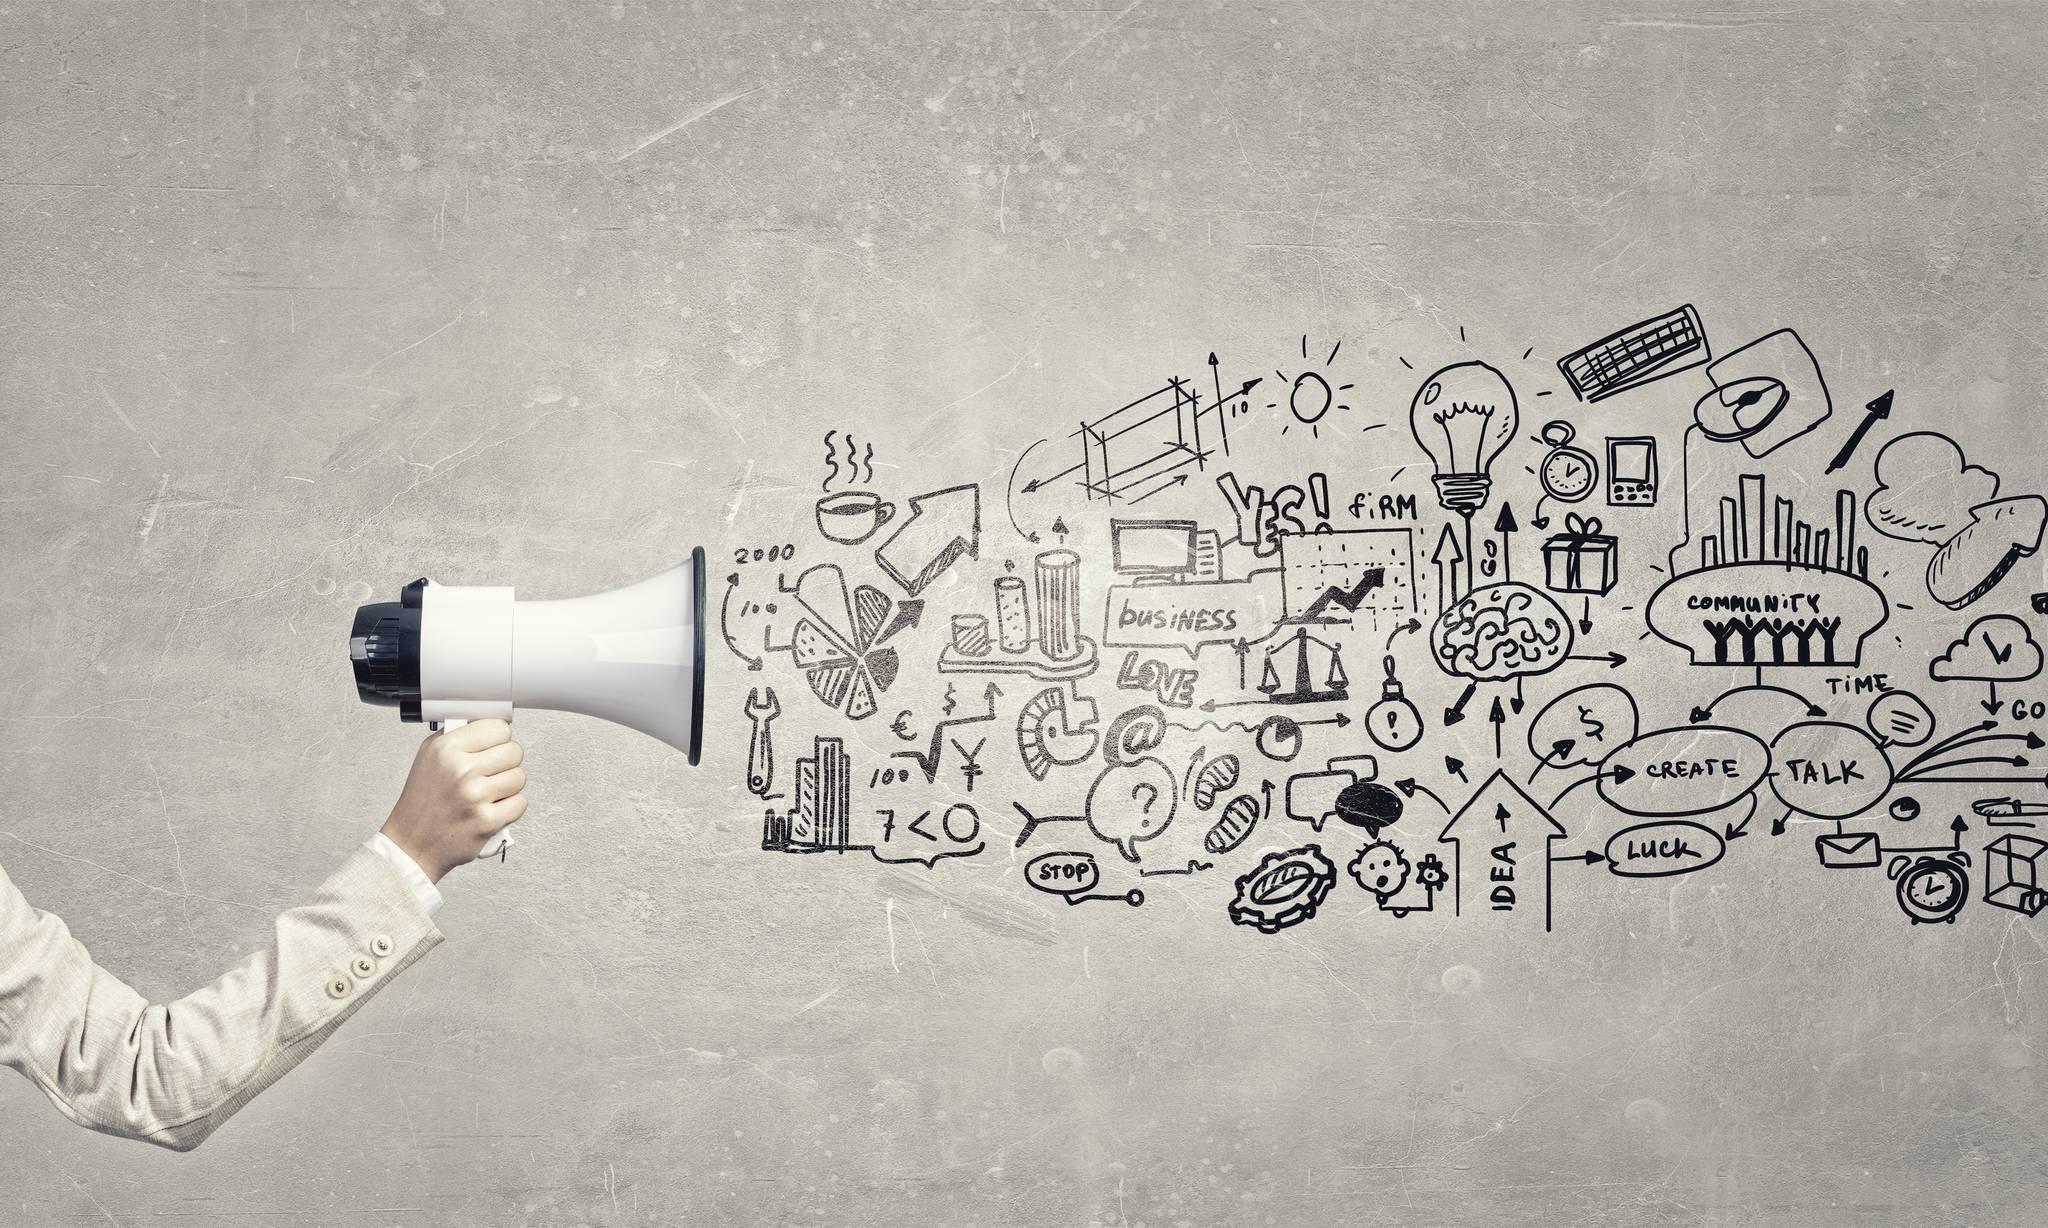 Les 4 étapes d'une stratégie de communication réussie